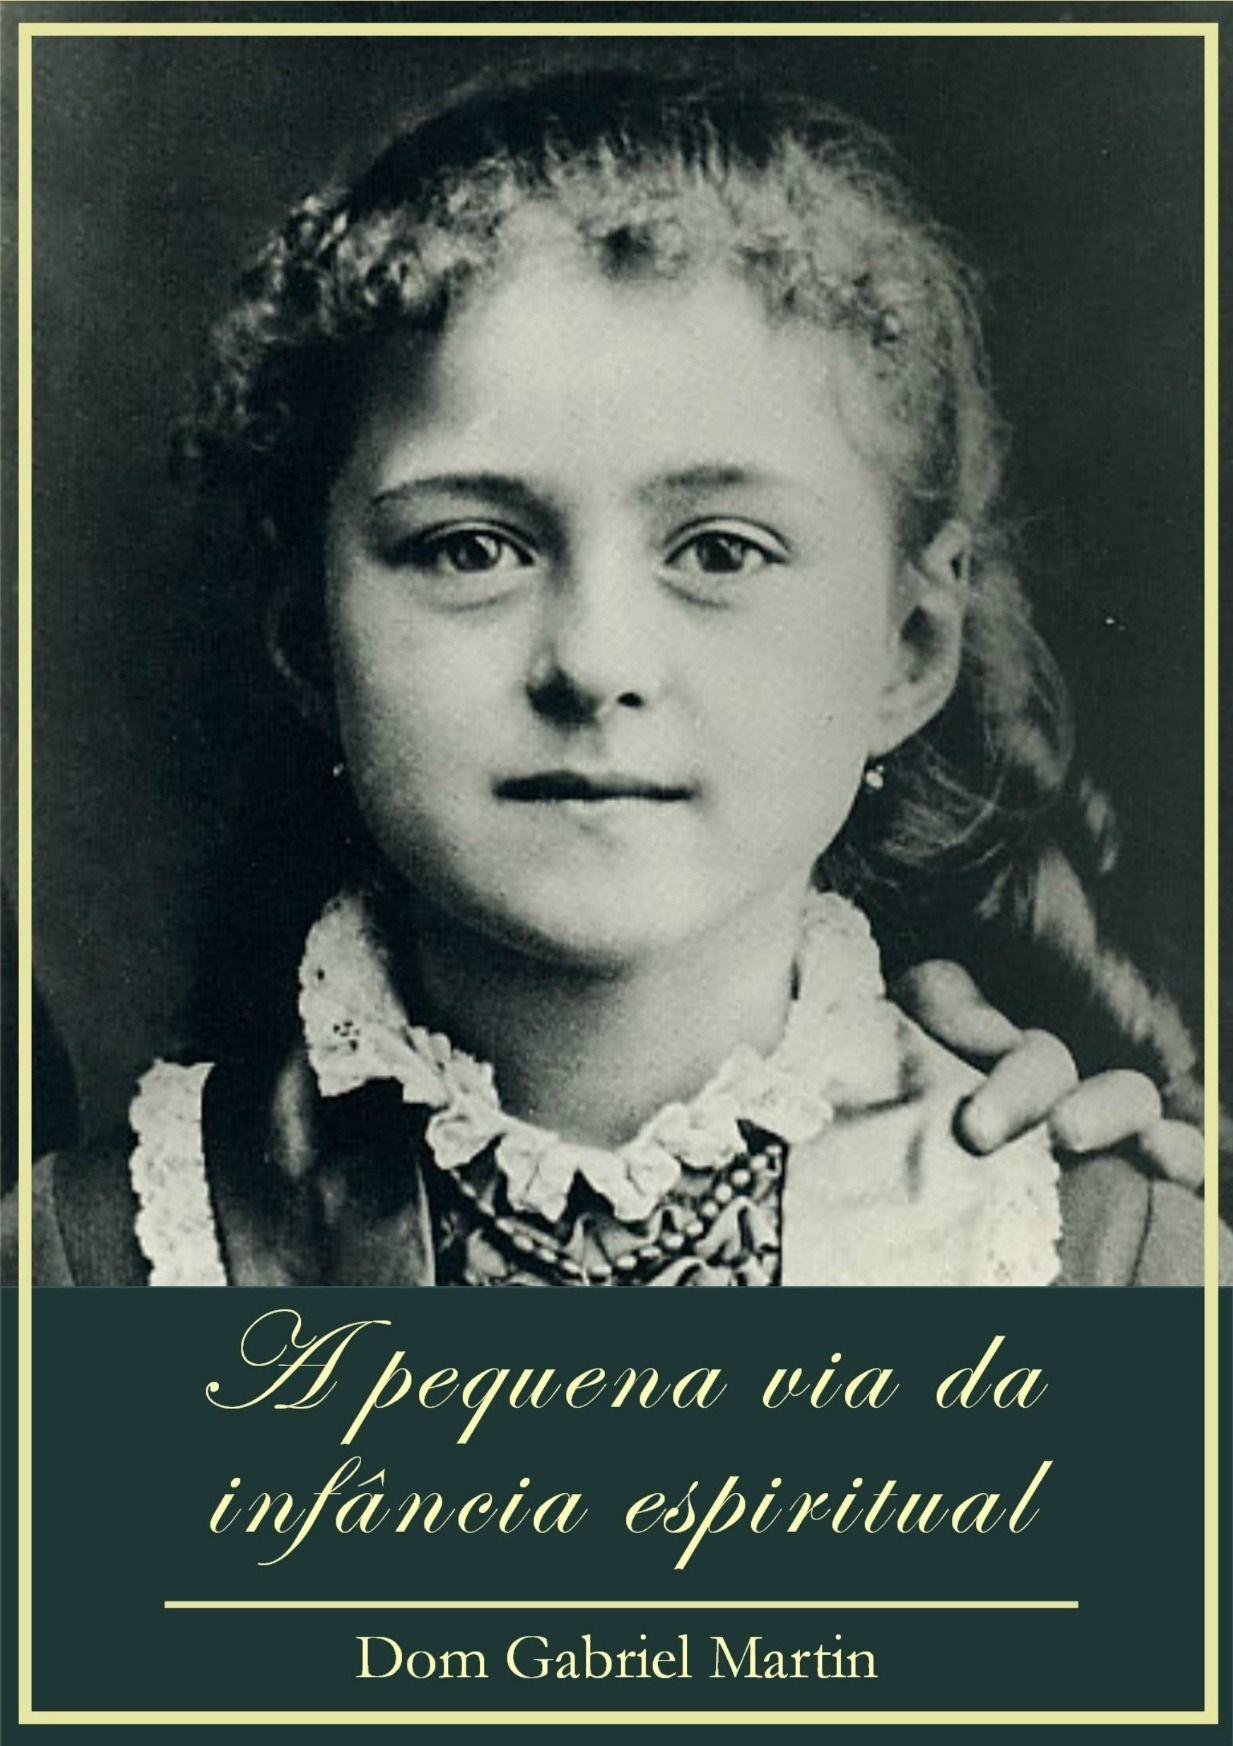 A pequena via da infância espiritual - Dom Gabriel Martin  - Livraria Santa Cruz